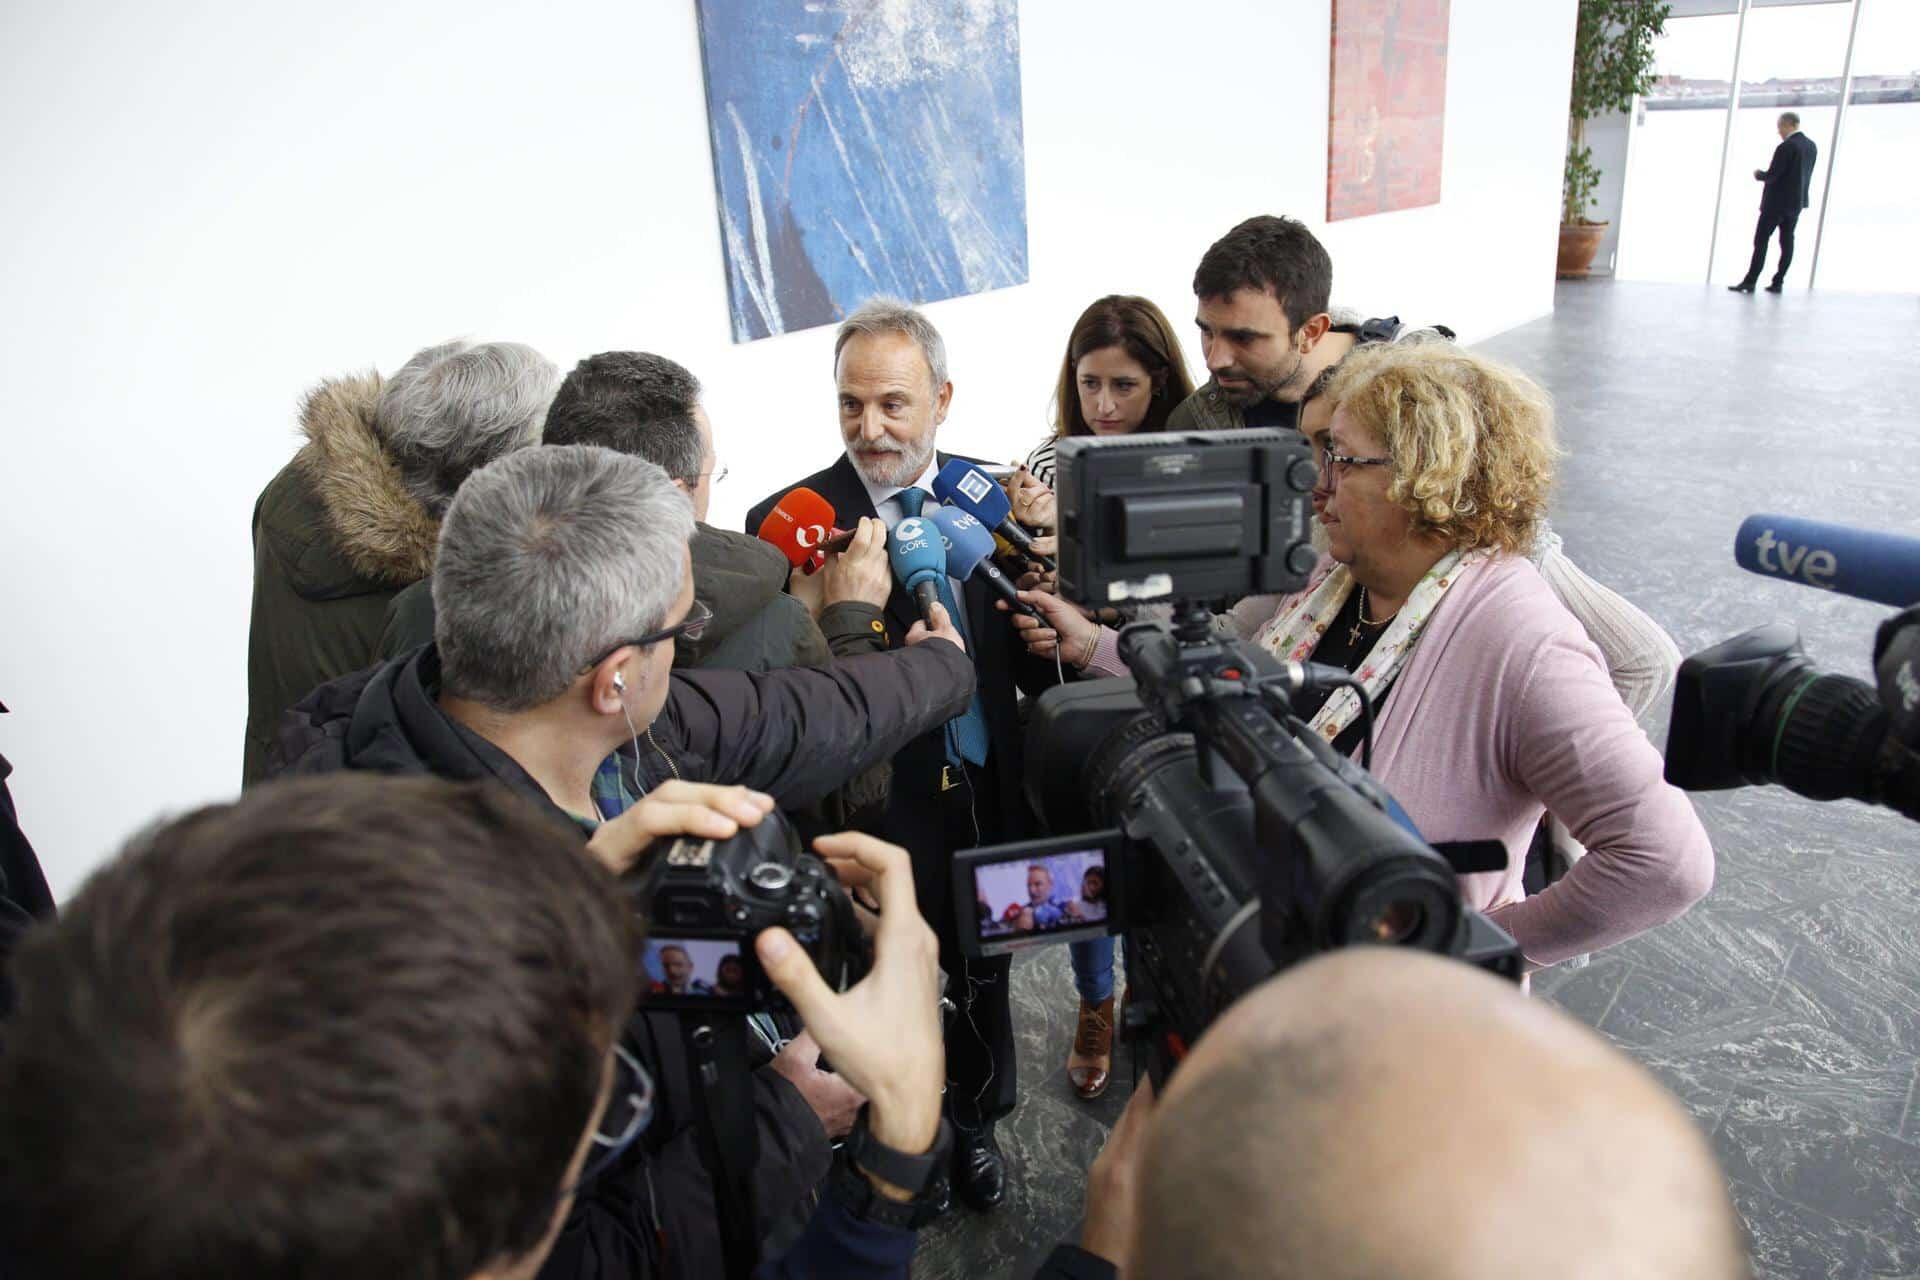 El Puerto de Gijón acoge una conferencia sobre descarbonización y sostenibilidad en el transporte marítimo